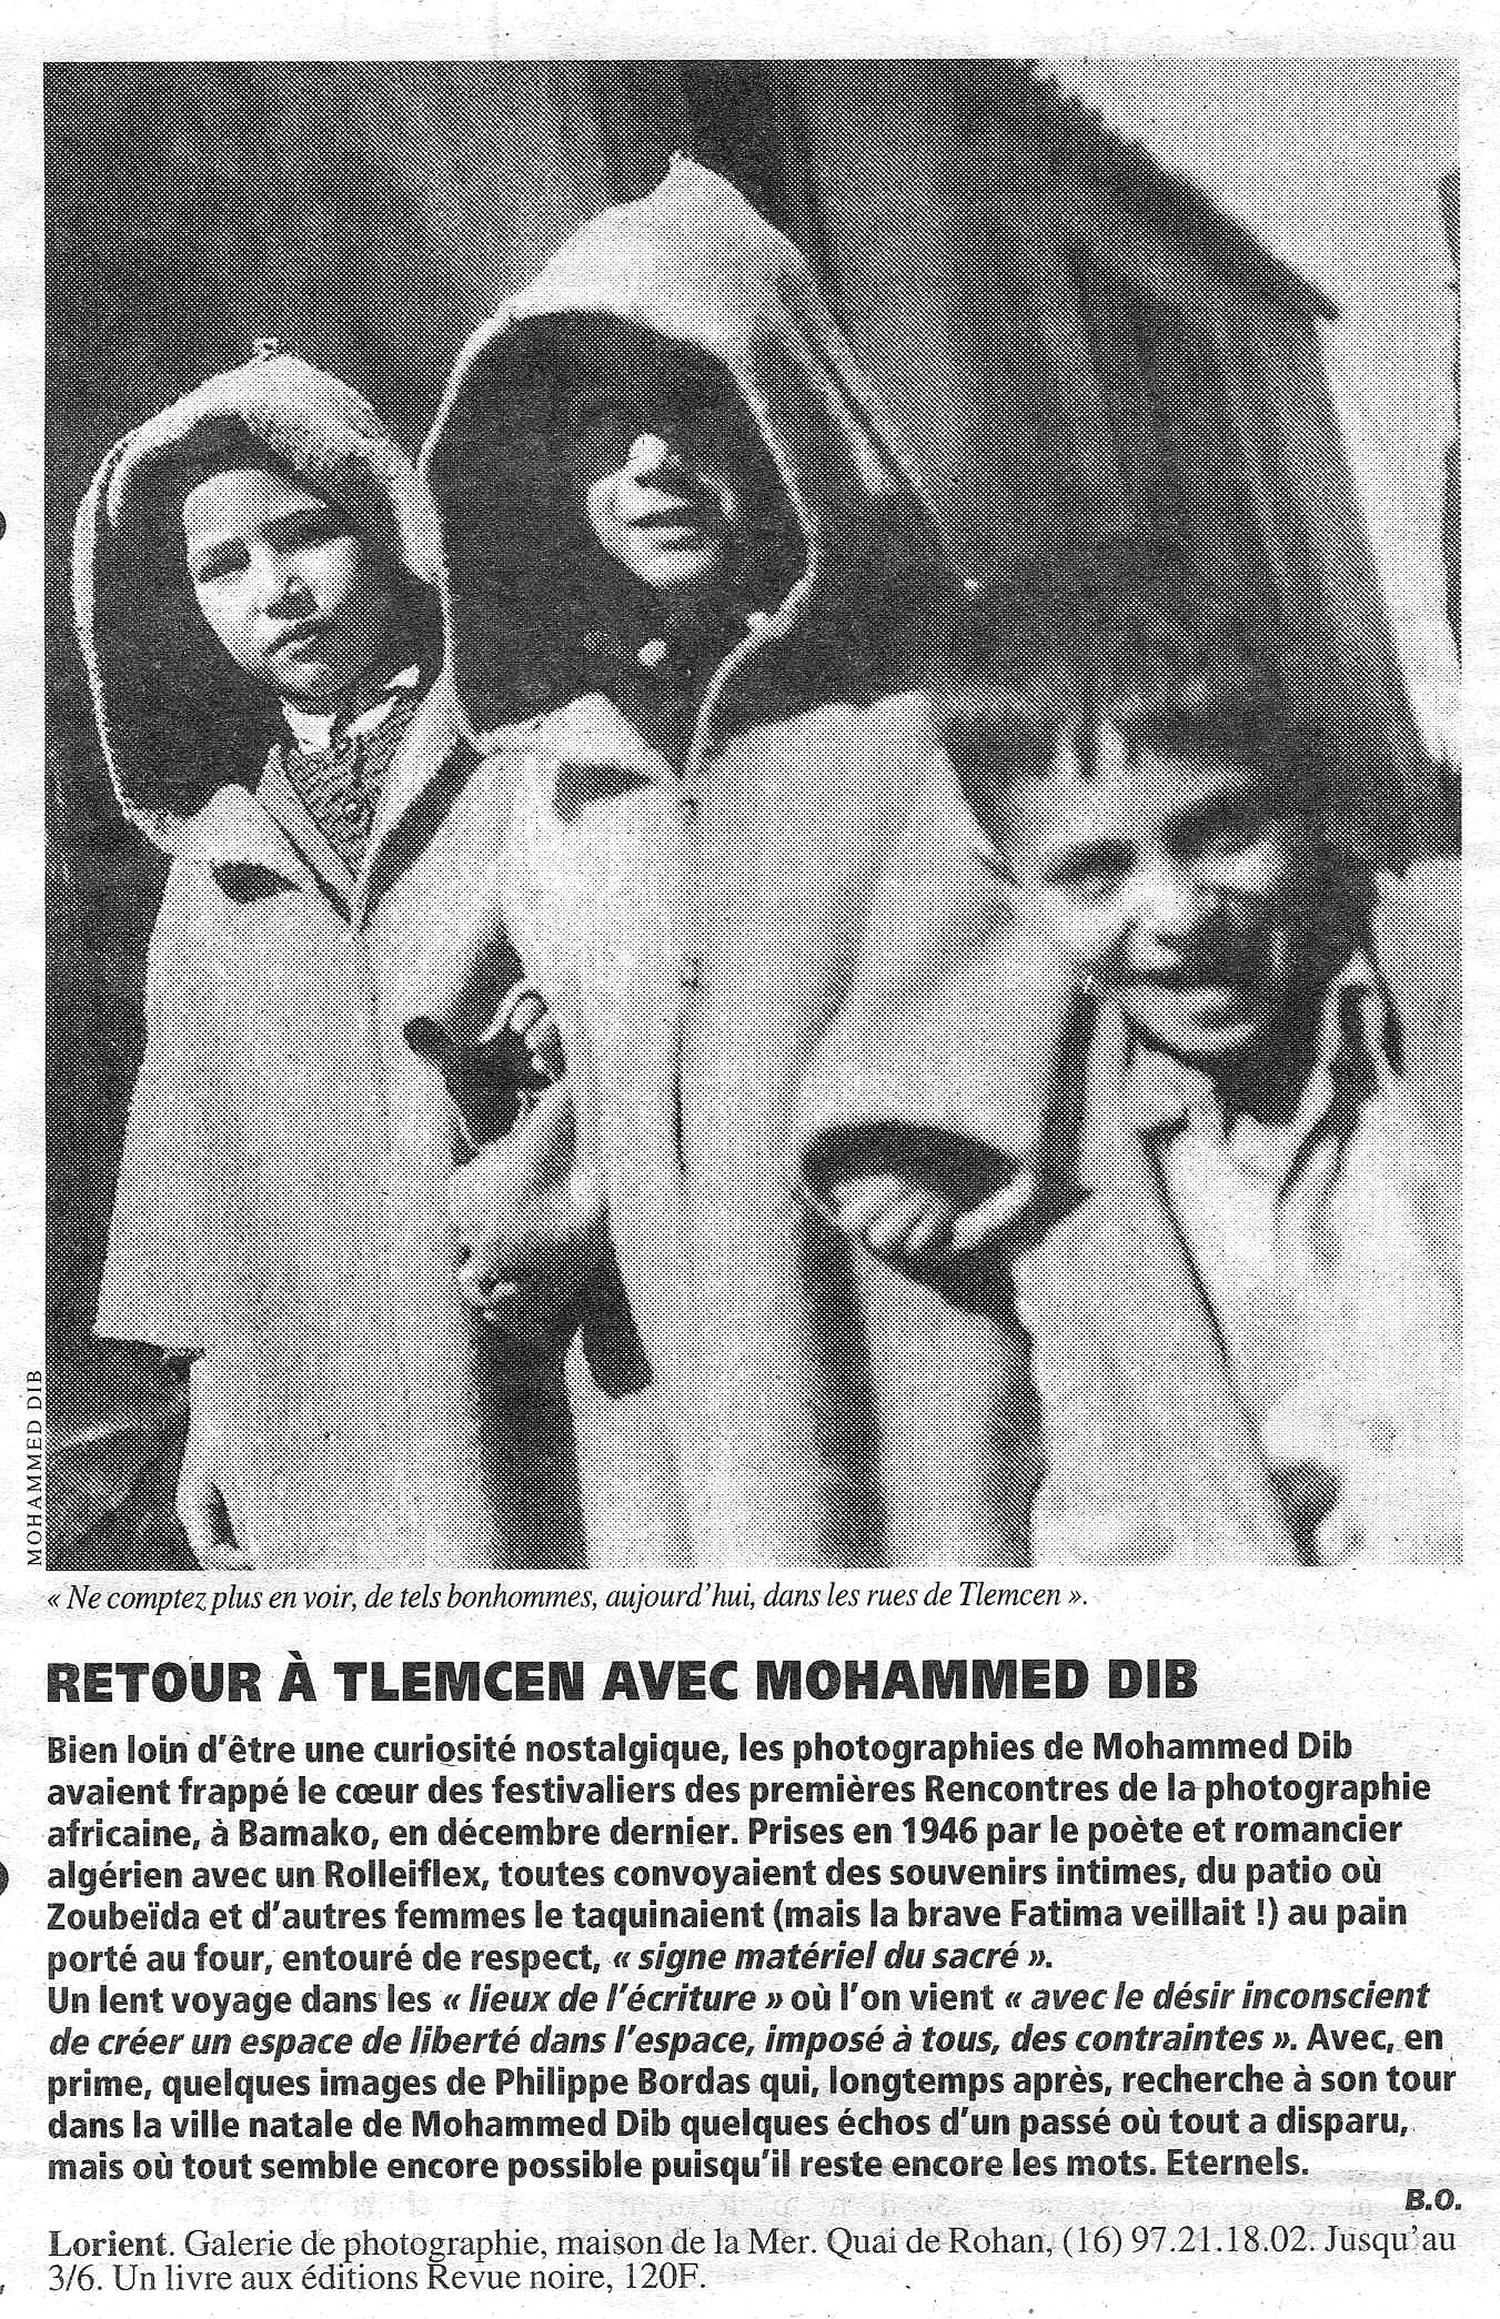 Revue Noire revue de presse: Libération avr 1995 par Brigitte Olier. Retour à Tlemcen avec Mohammed Dib. Livre et expo Revue Noire